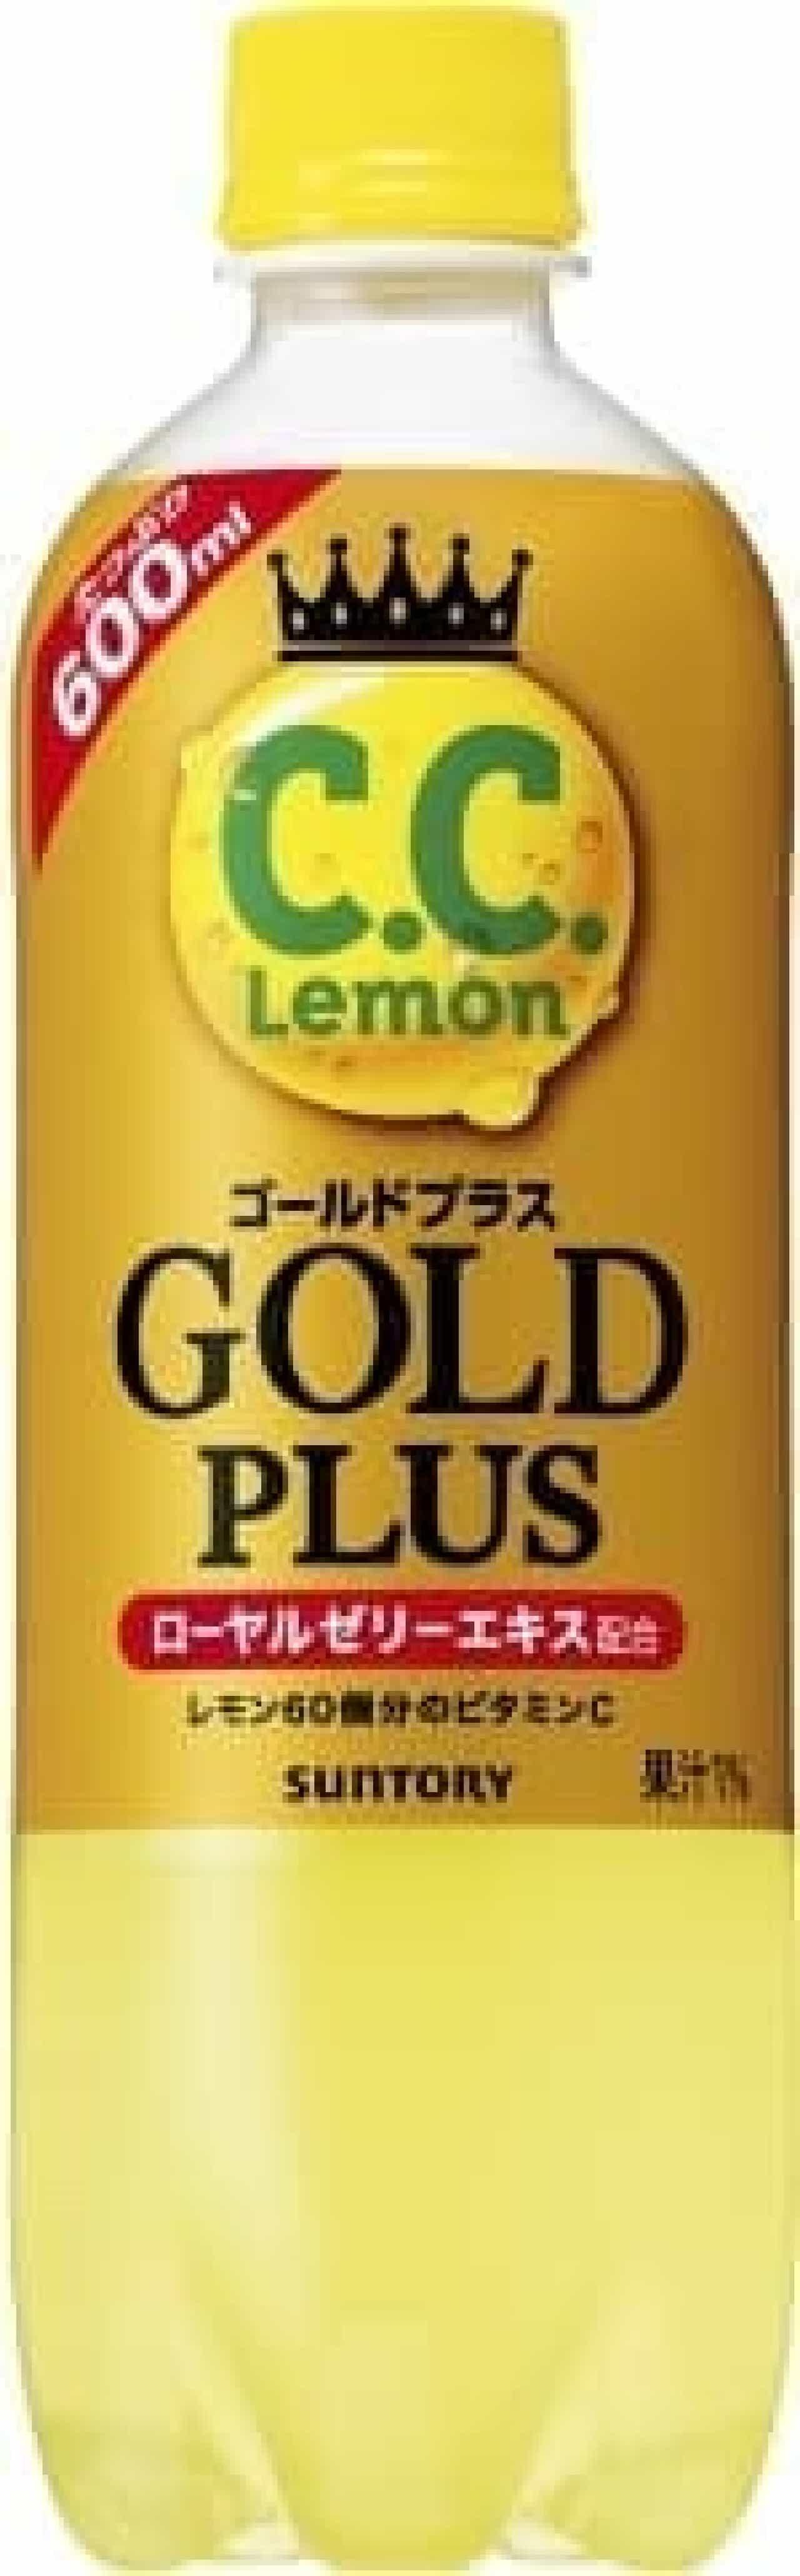 サントリー食品インターナショナル「C.C.レモンゴールドプラス」